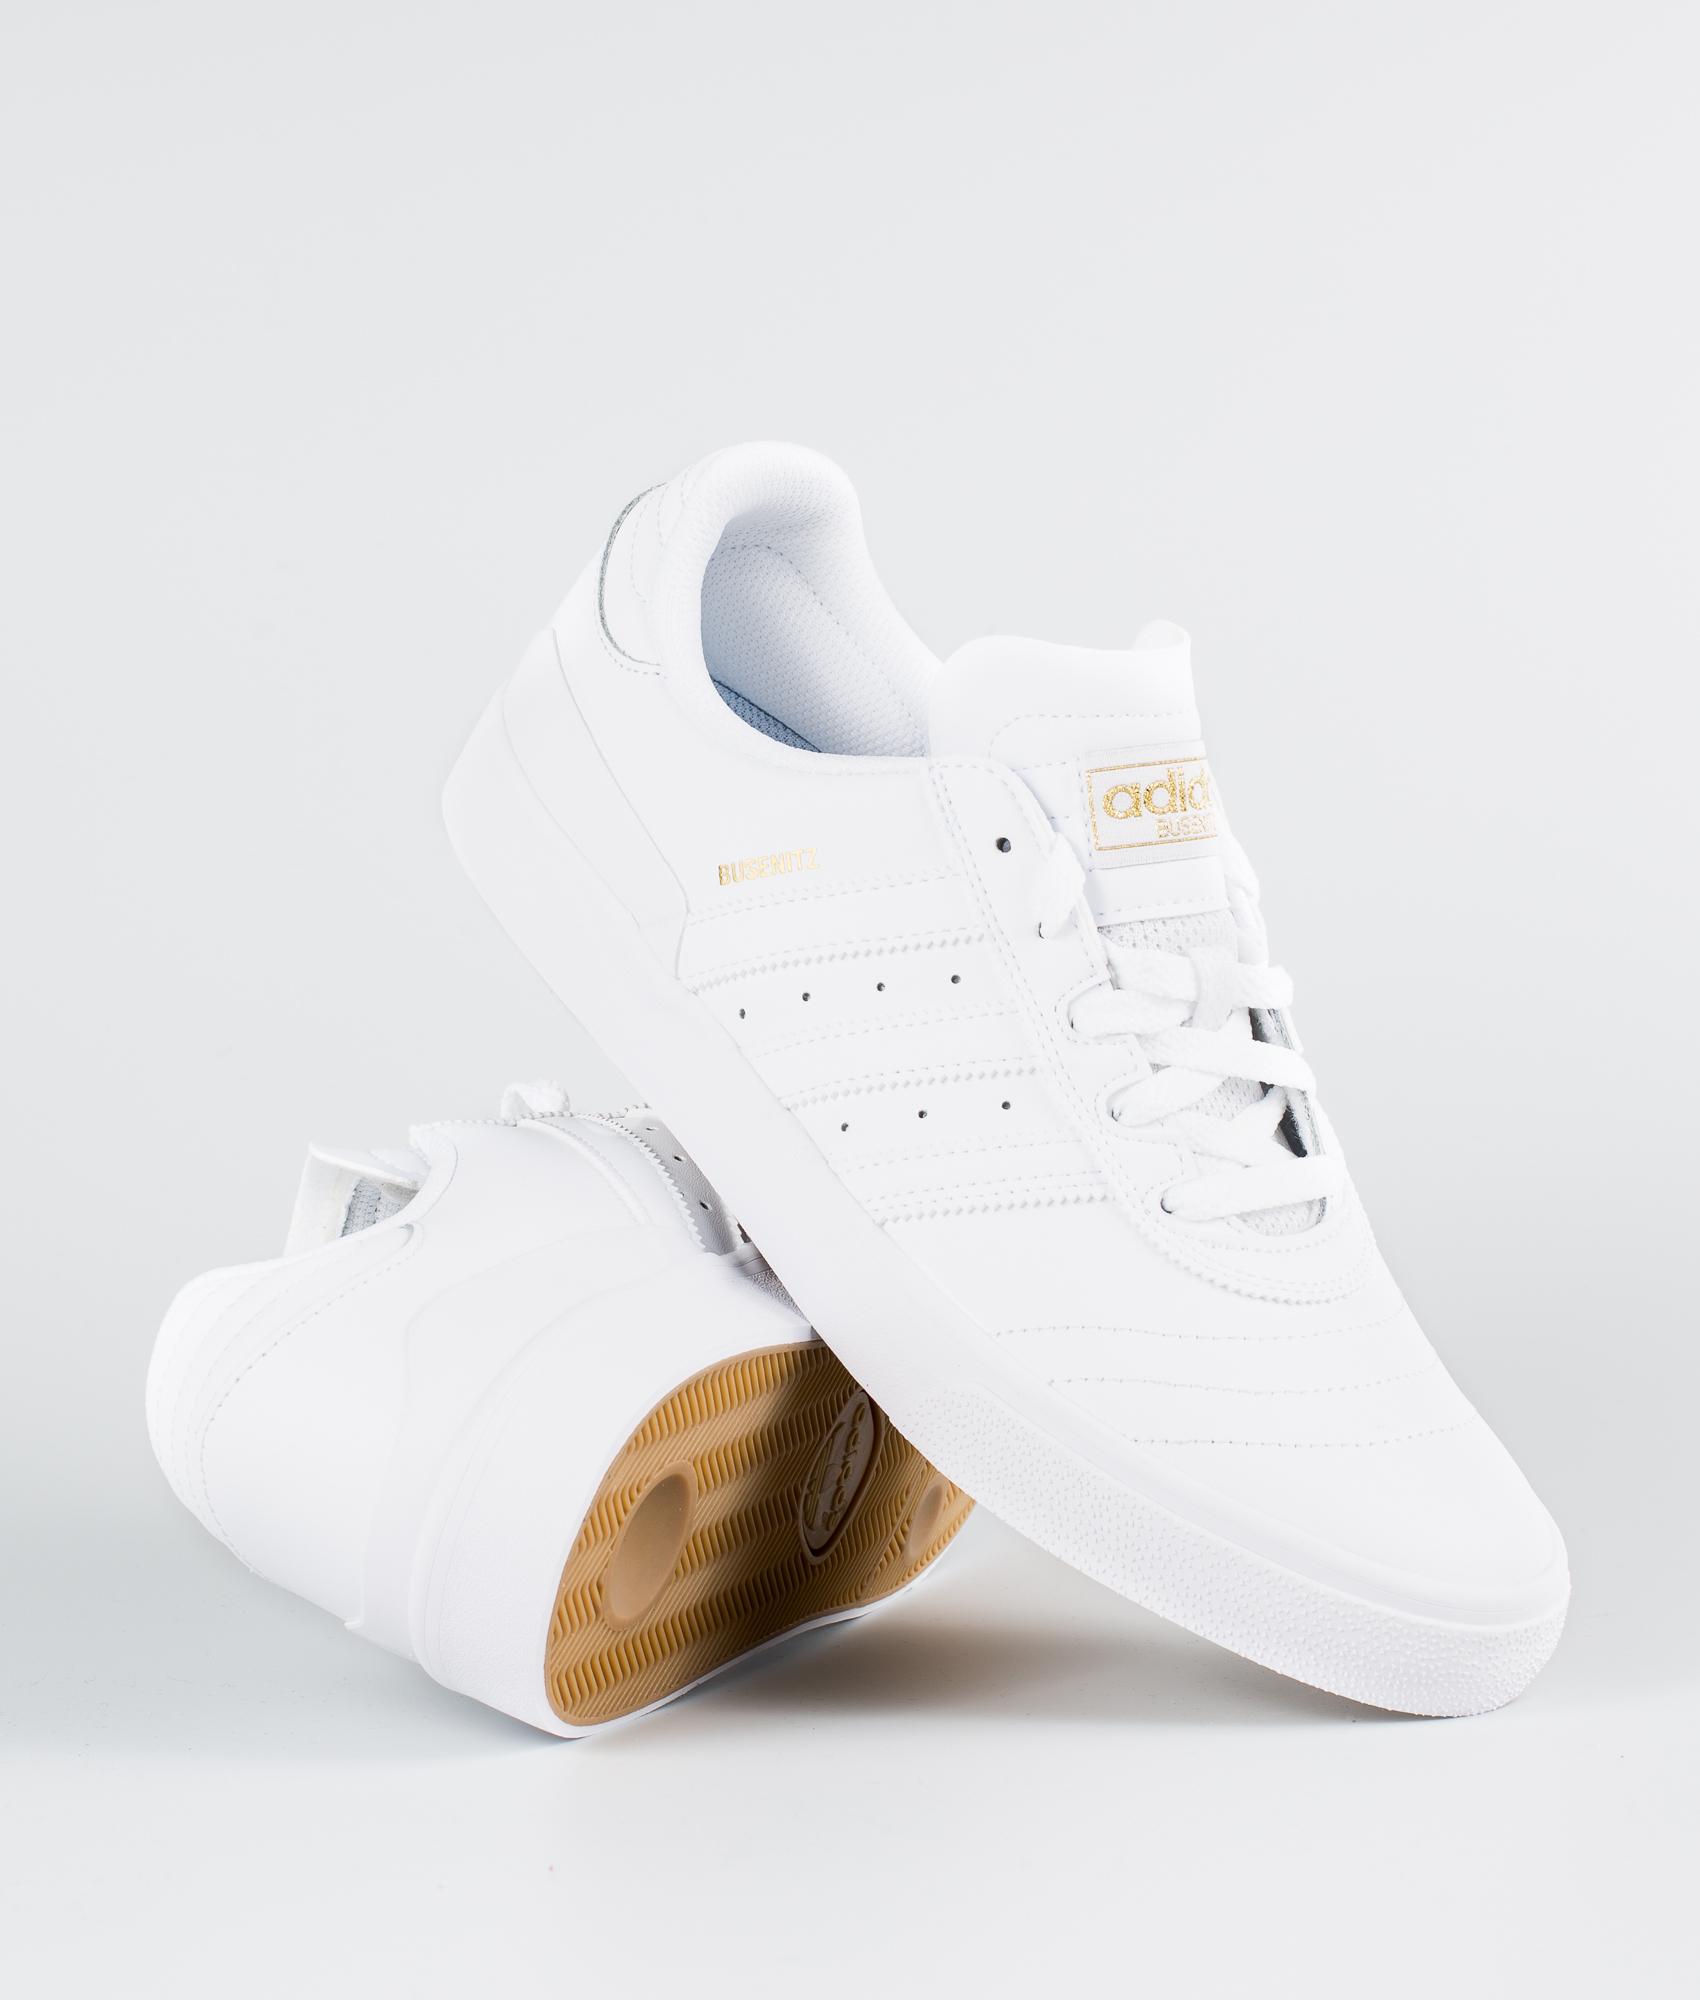 Bezorging gratis Sneakers Ridestore Heren Streetwear 7xwtRqnz